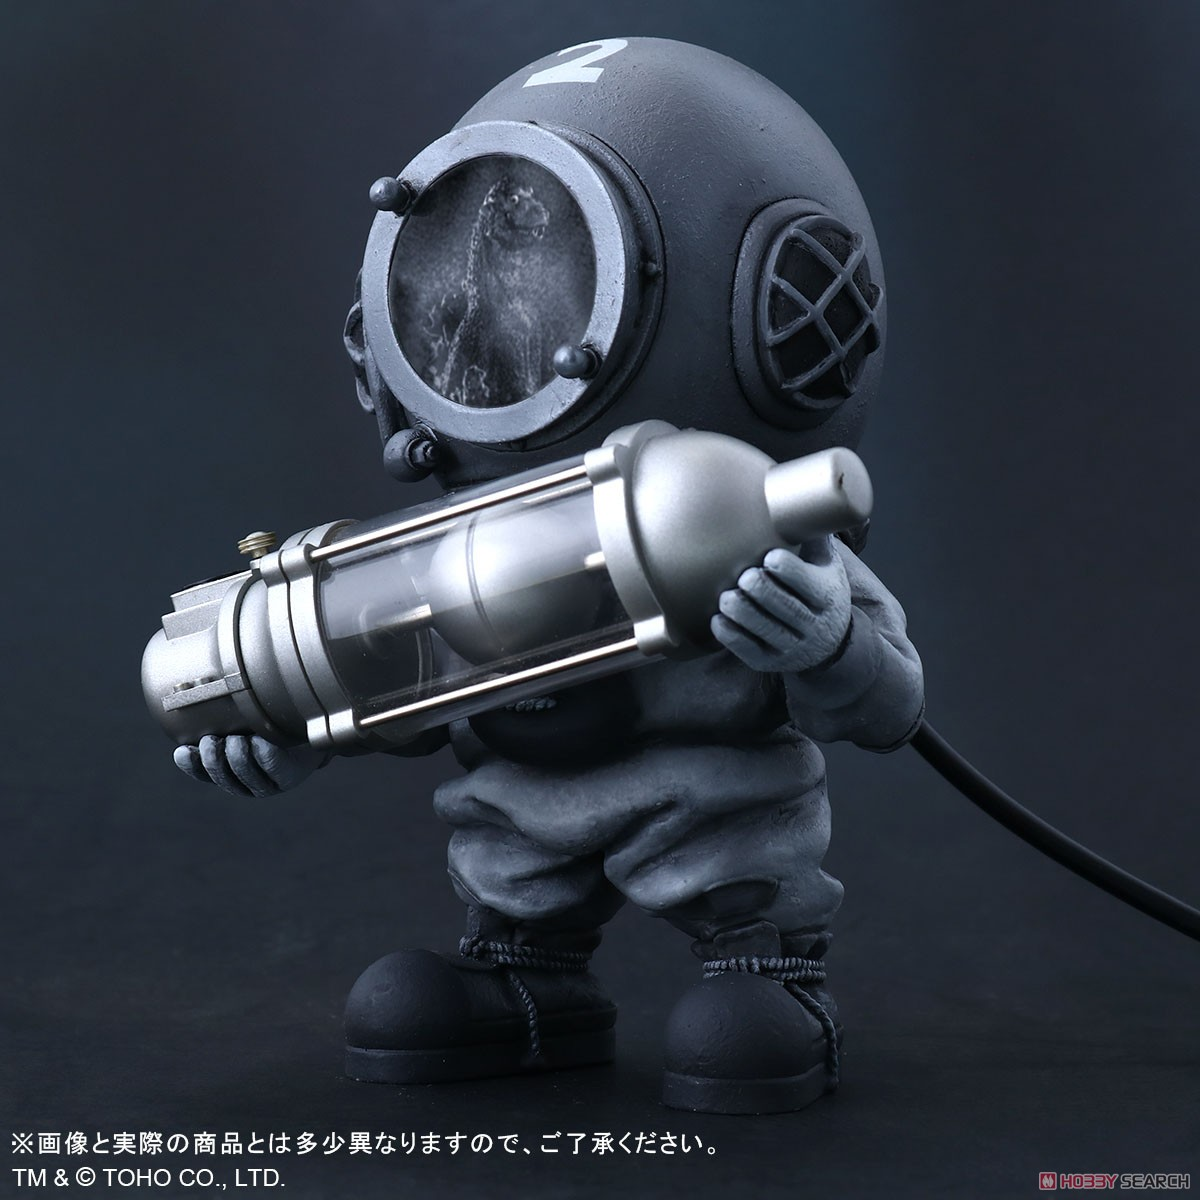 デフォリアル『芹沢博士 モノクロVer.』ゴジラ デフォルメ完成品フィギュア-003